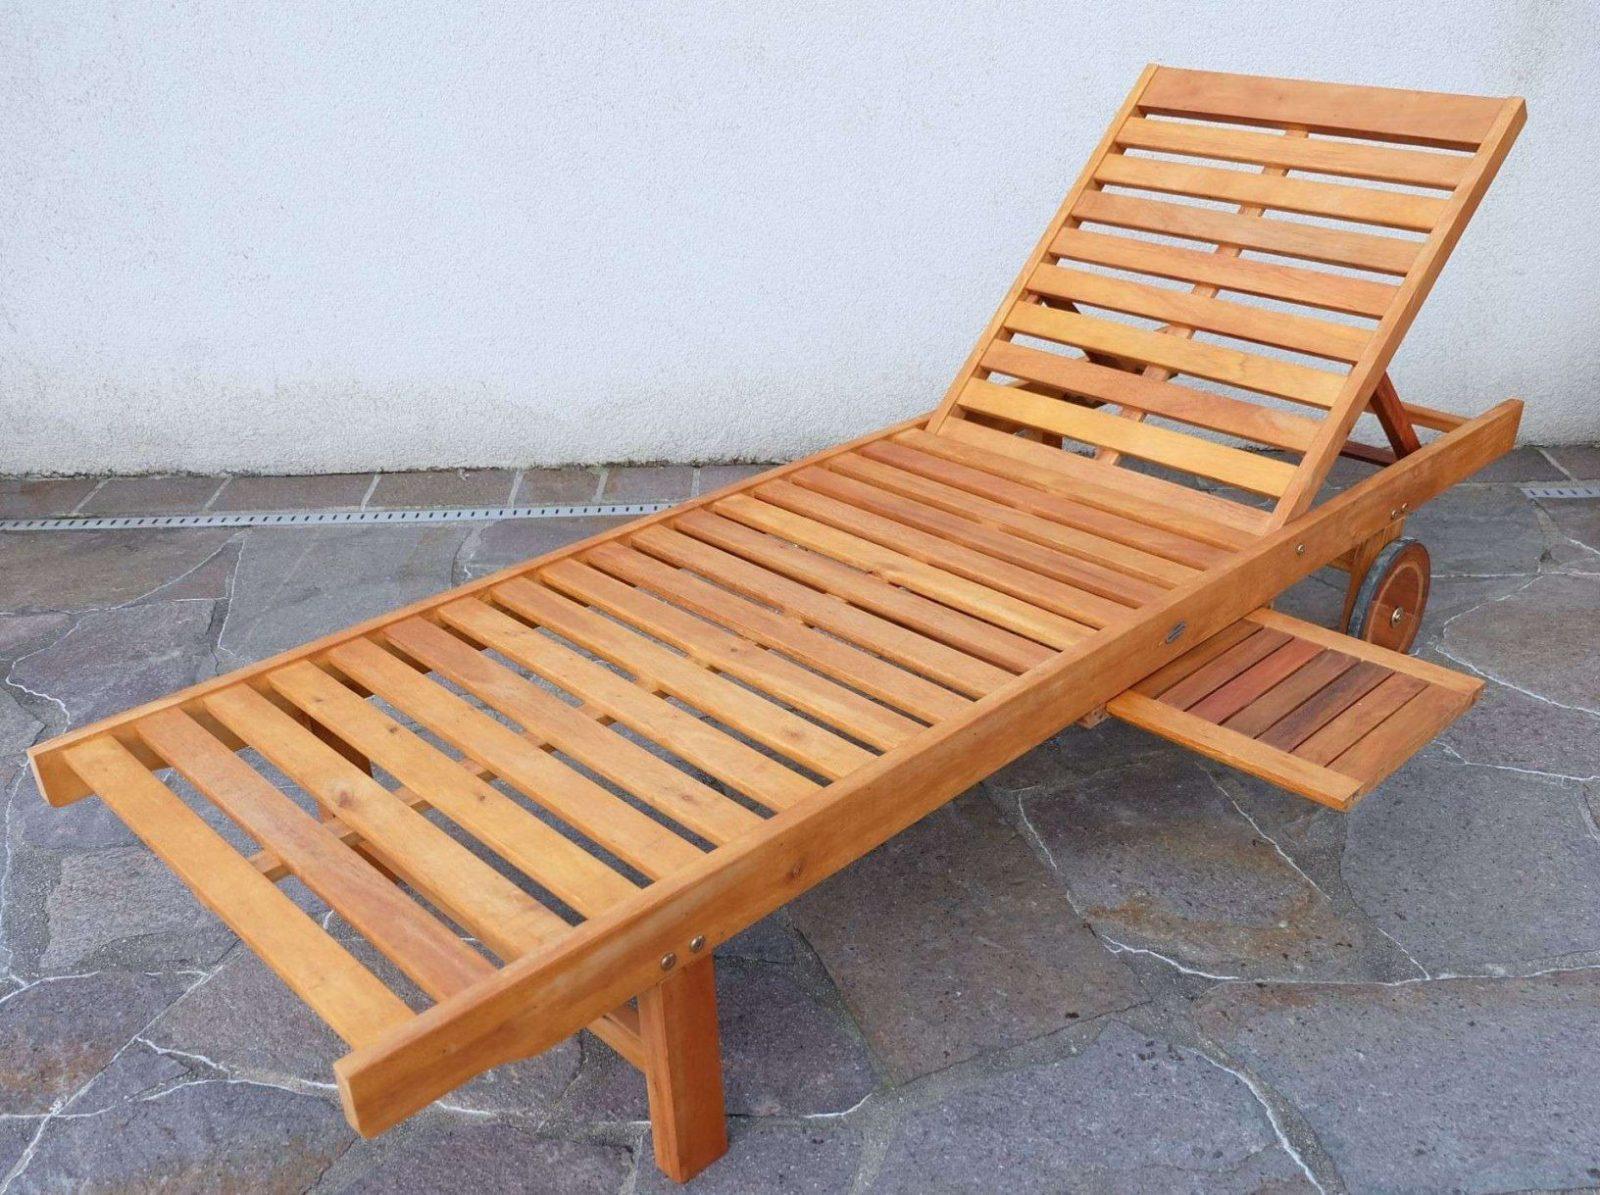 Garten Liegestuhl Holz Ist Tolle Konzept Von Gartenstuhl Holz Selber von Gartenstuhl Holz Selber Bauen Bild